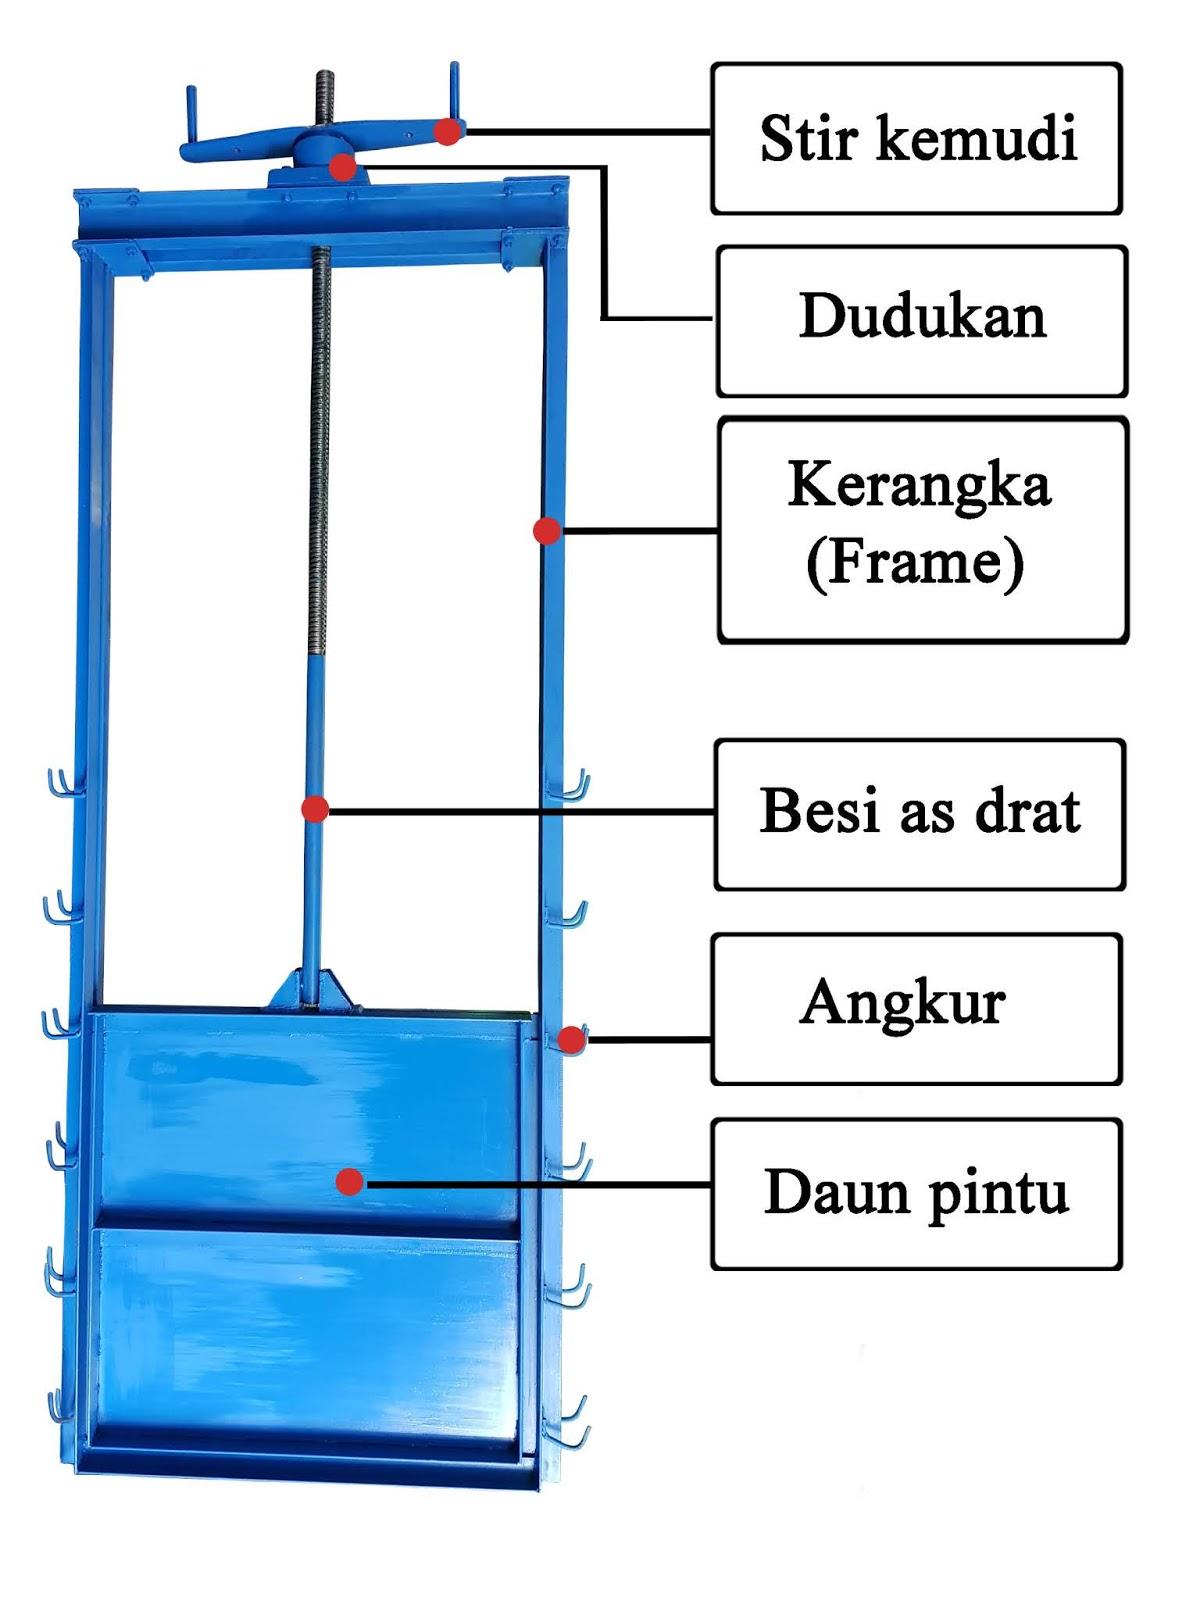 7000+ Gambar Detail Pintu Air Irigasi Paling Baru - Infobaru